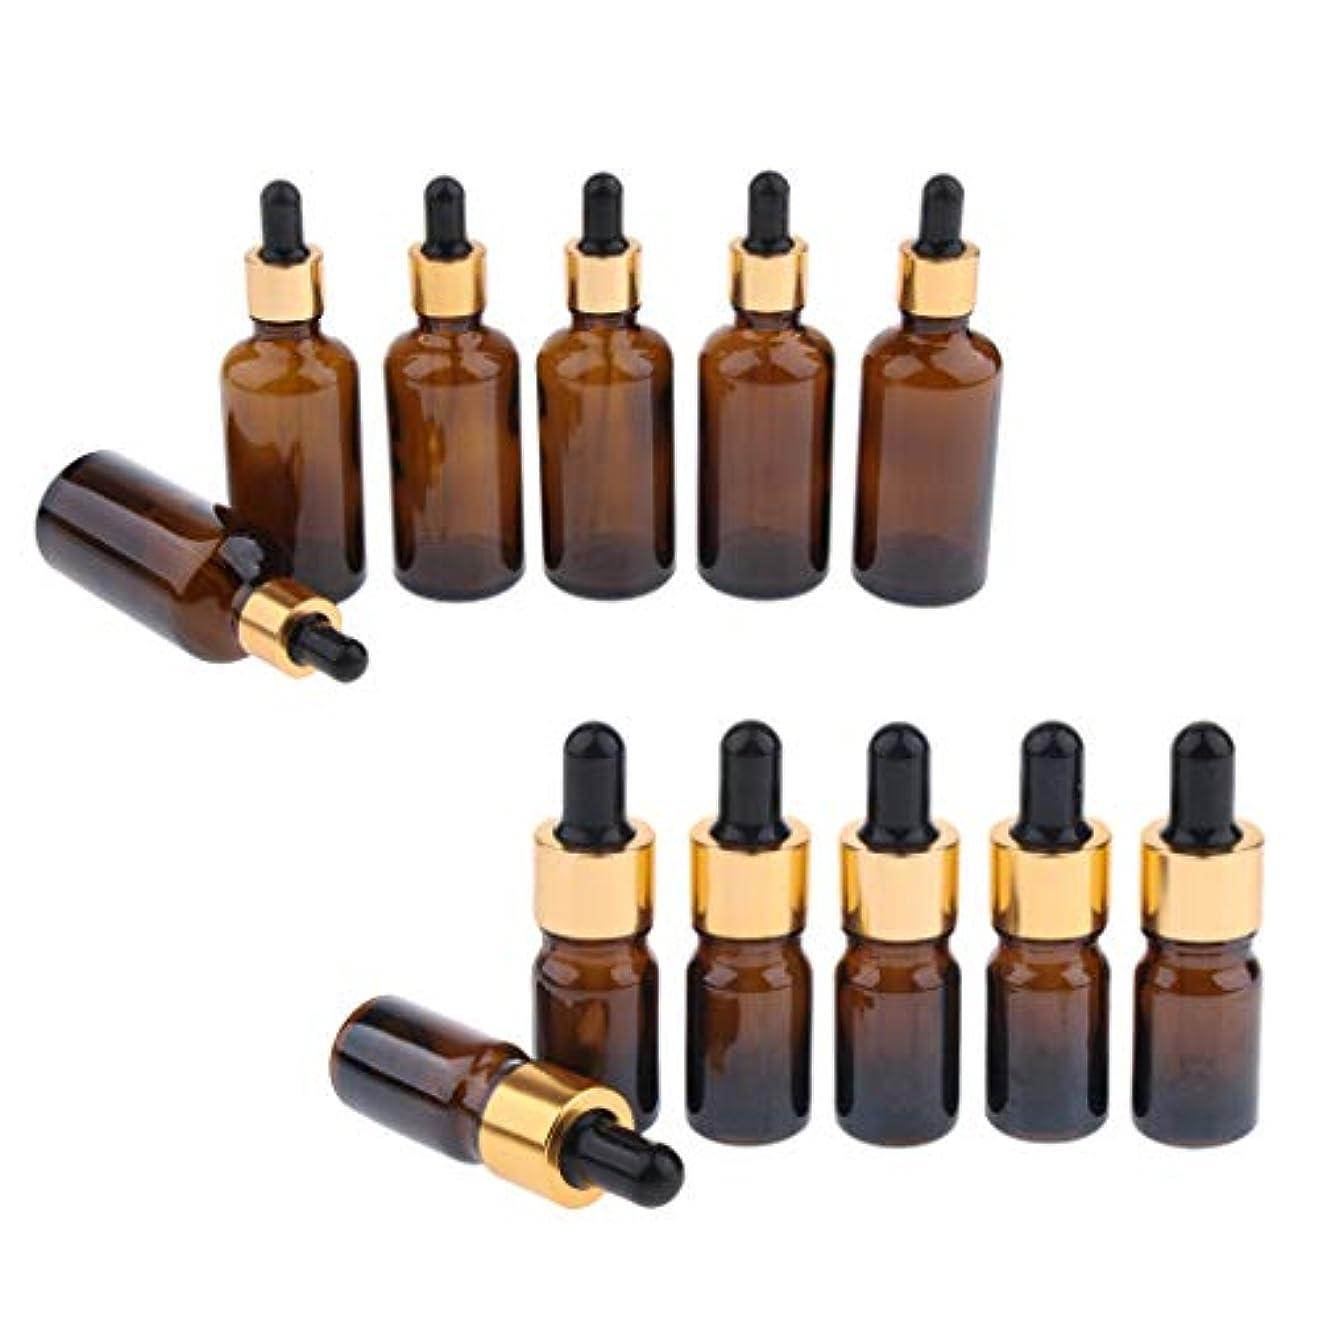 受け入れ空白冷ややかなアロマオイル 精油 小分け用 ドロッパーボトル エッセンシャルオイル 液体 保存 詰替え 12個入